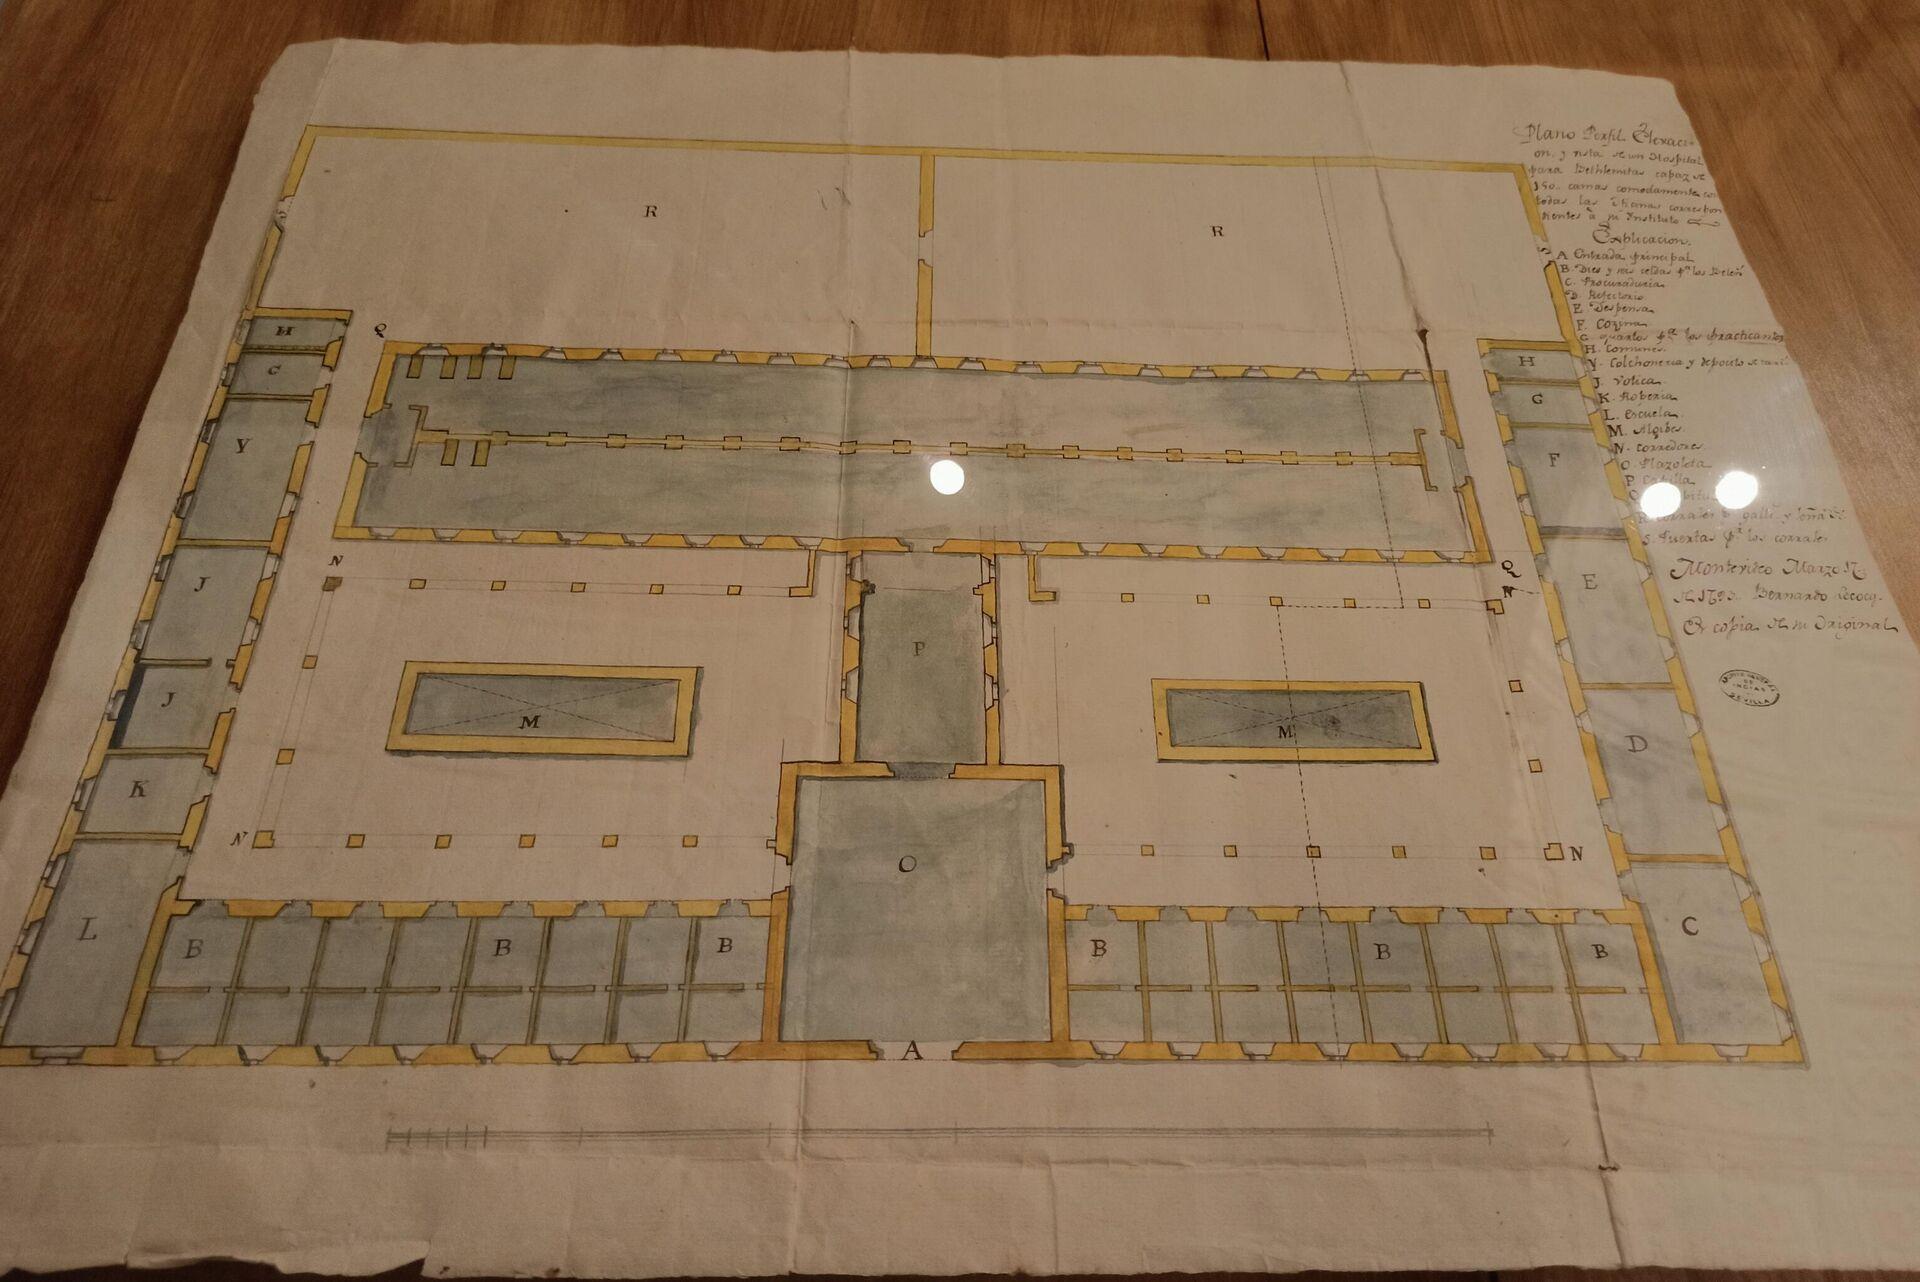 Plano, perfil y elevación del hospital de Montevideo con 150 camas - Sputnik Mundo, 1920, 10.09.2021